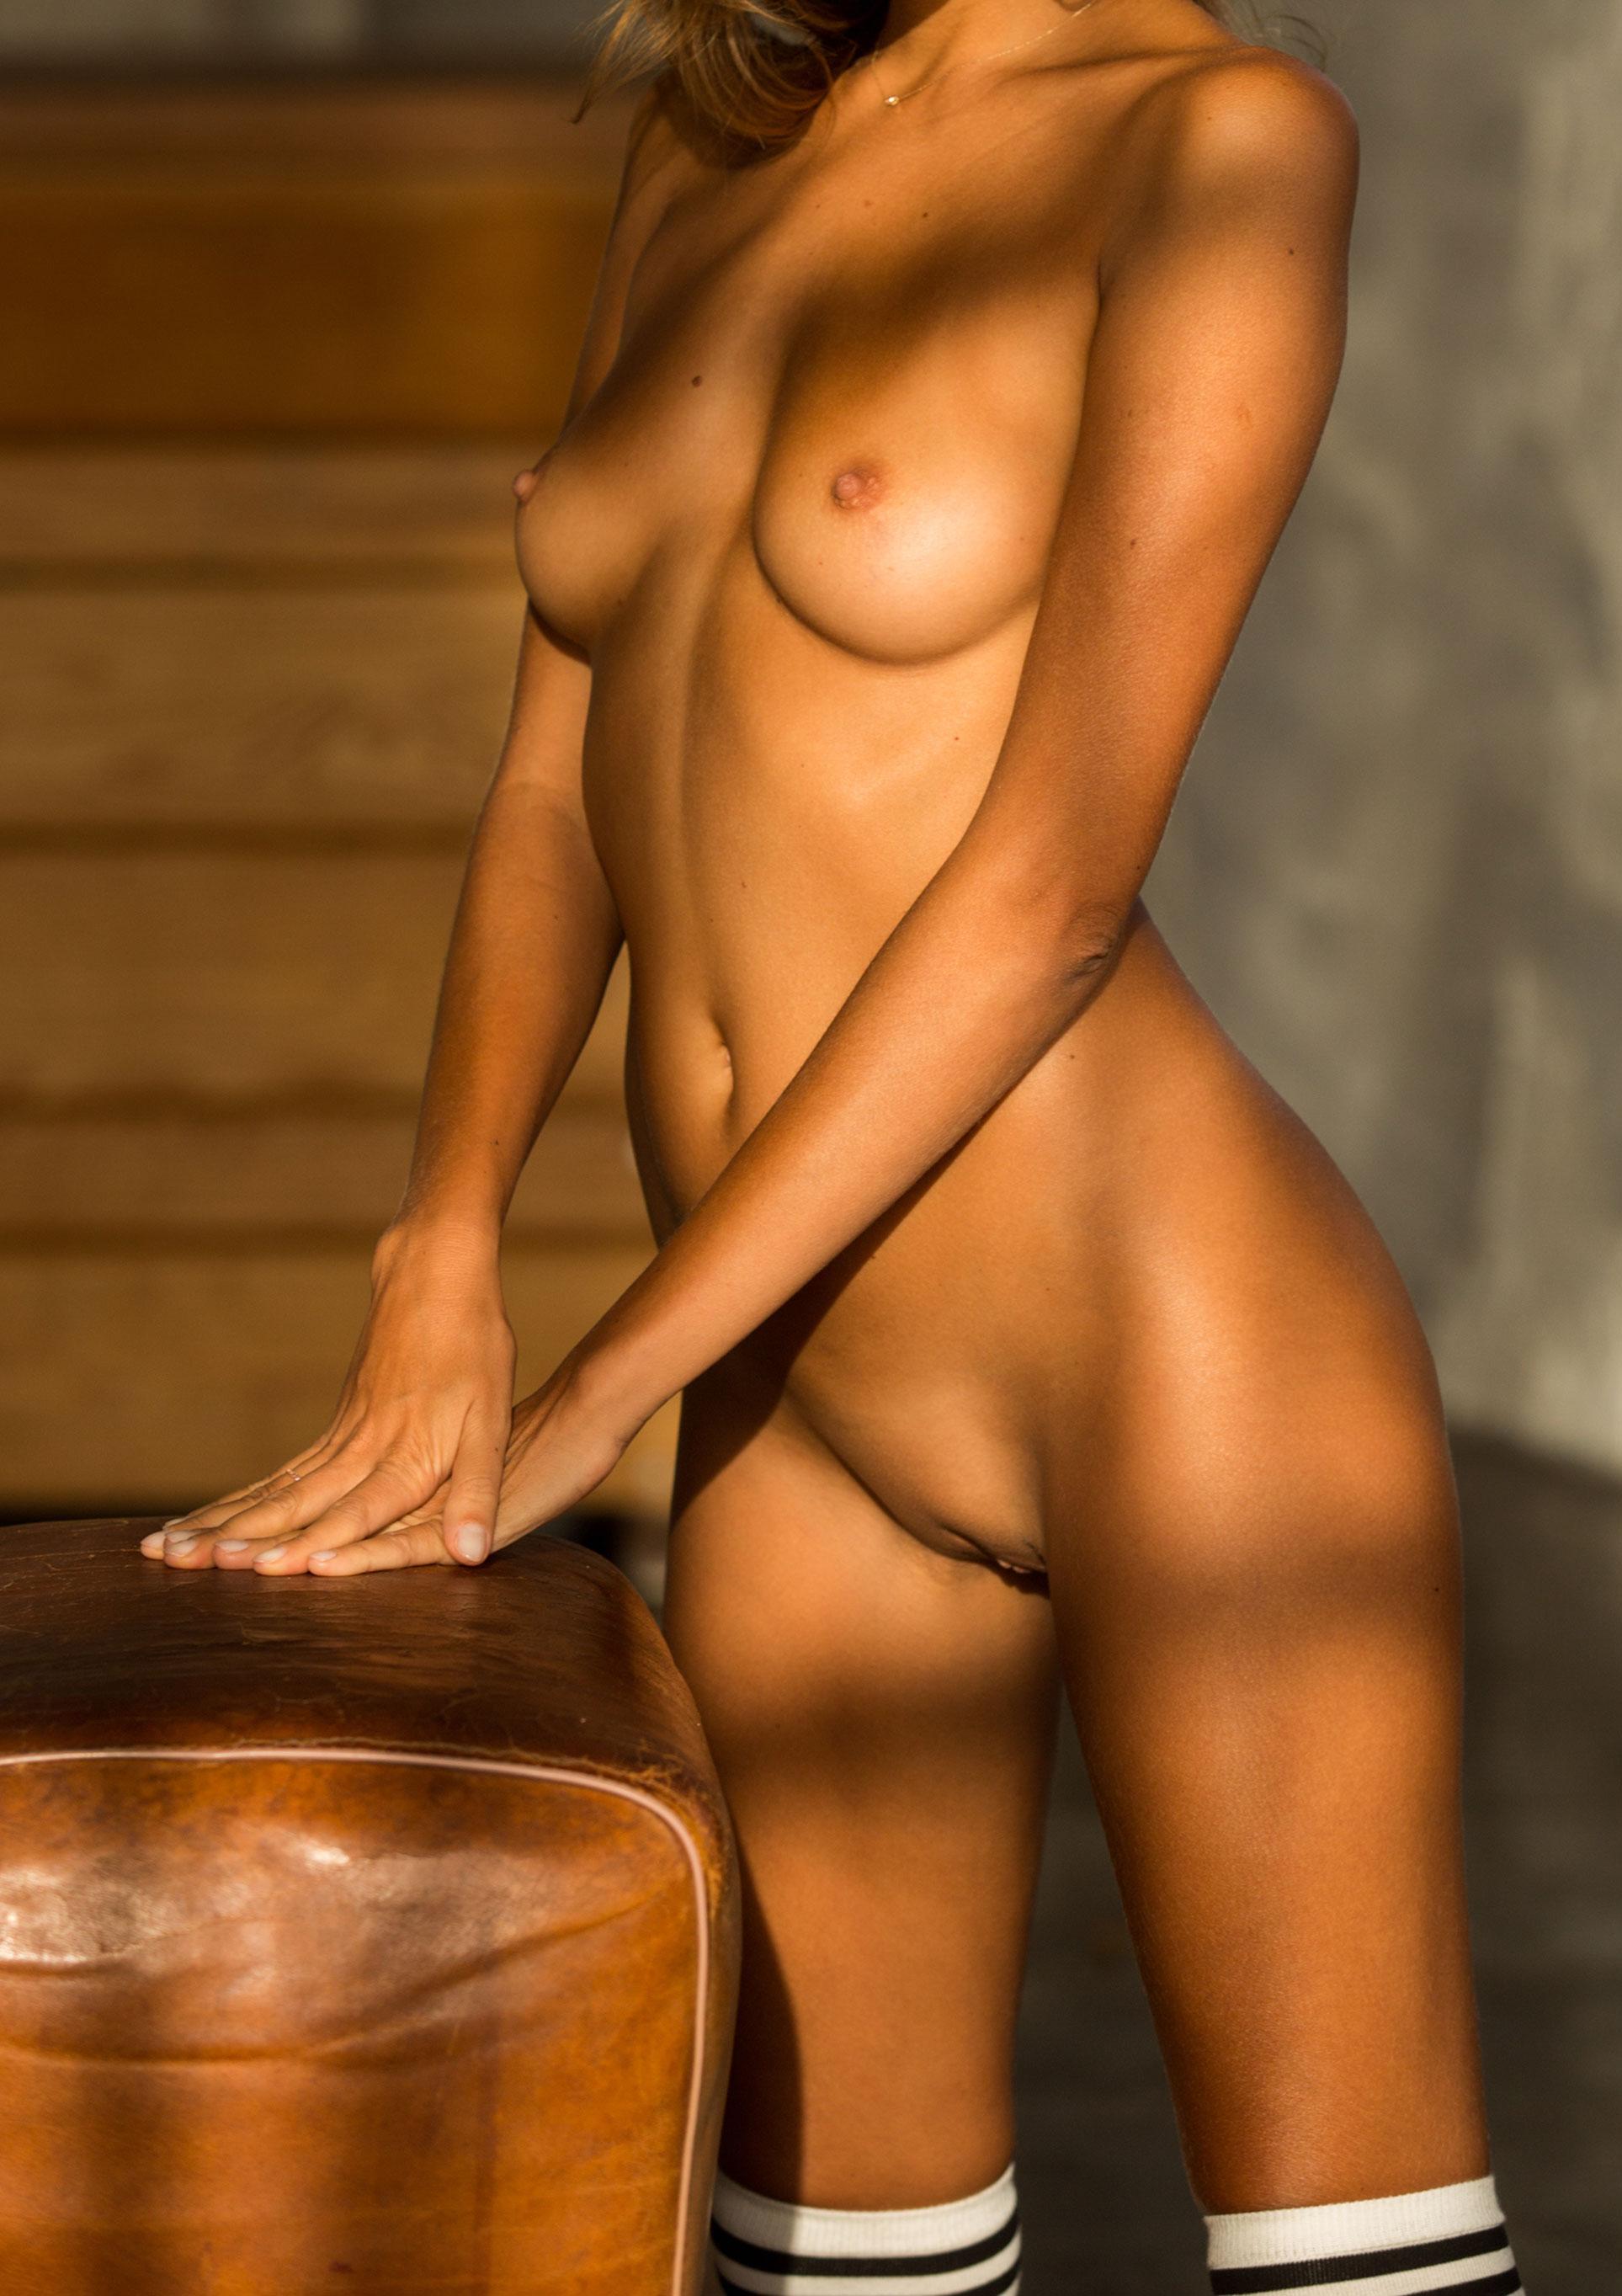 голая Катя Кловер занимается гимнастикой в спортзале / фото 18